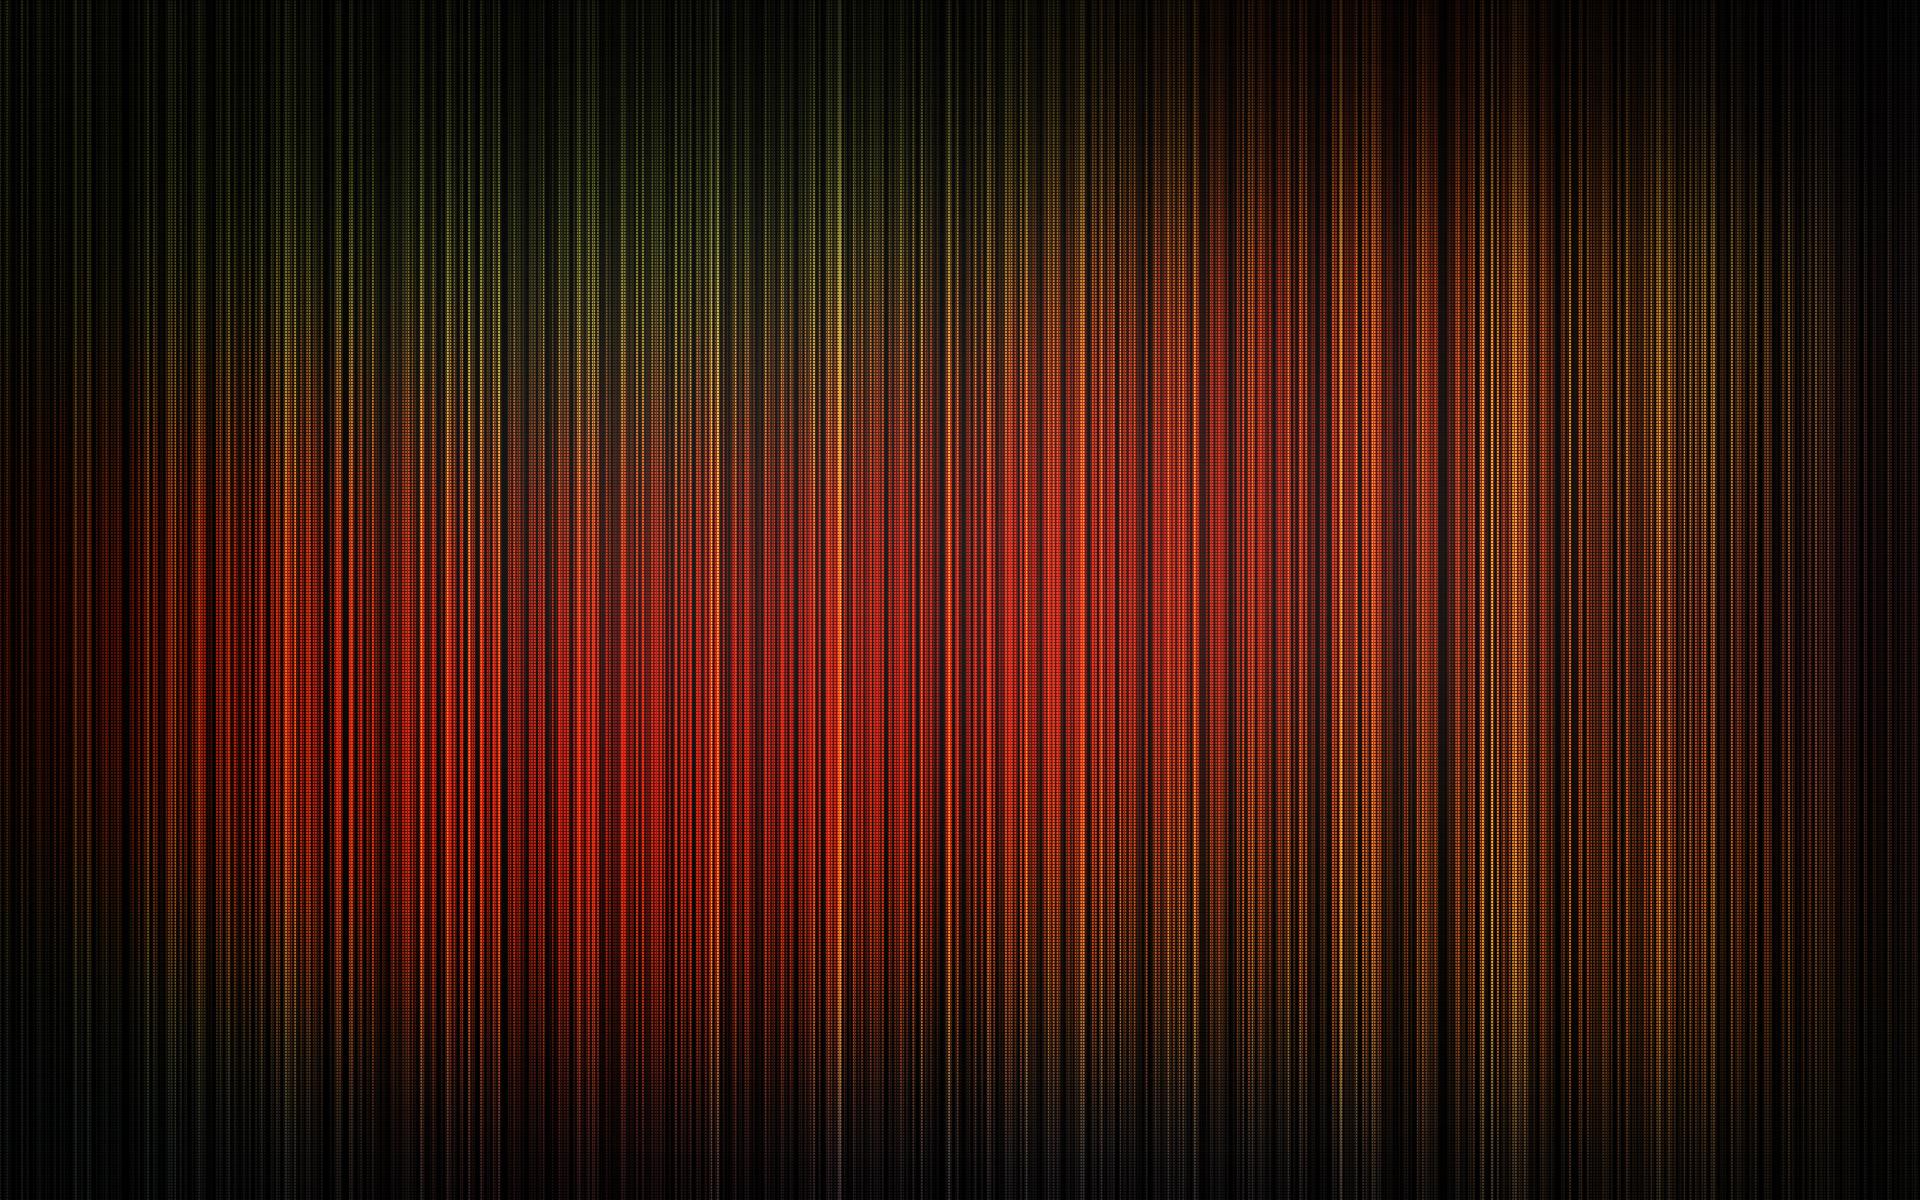 190 Vertical Wallpaper Hd: HD Vertical Wallpaper